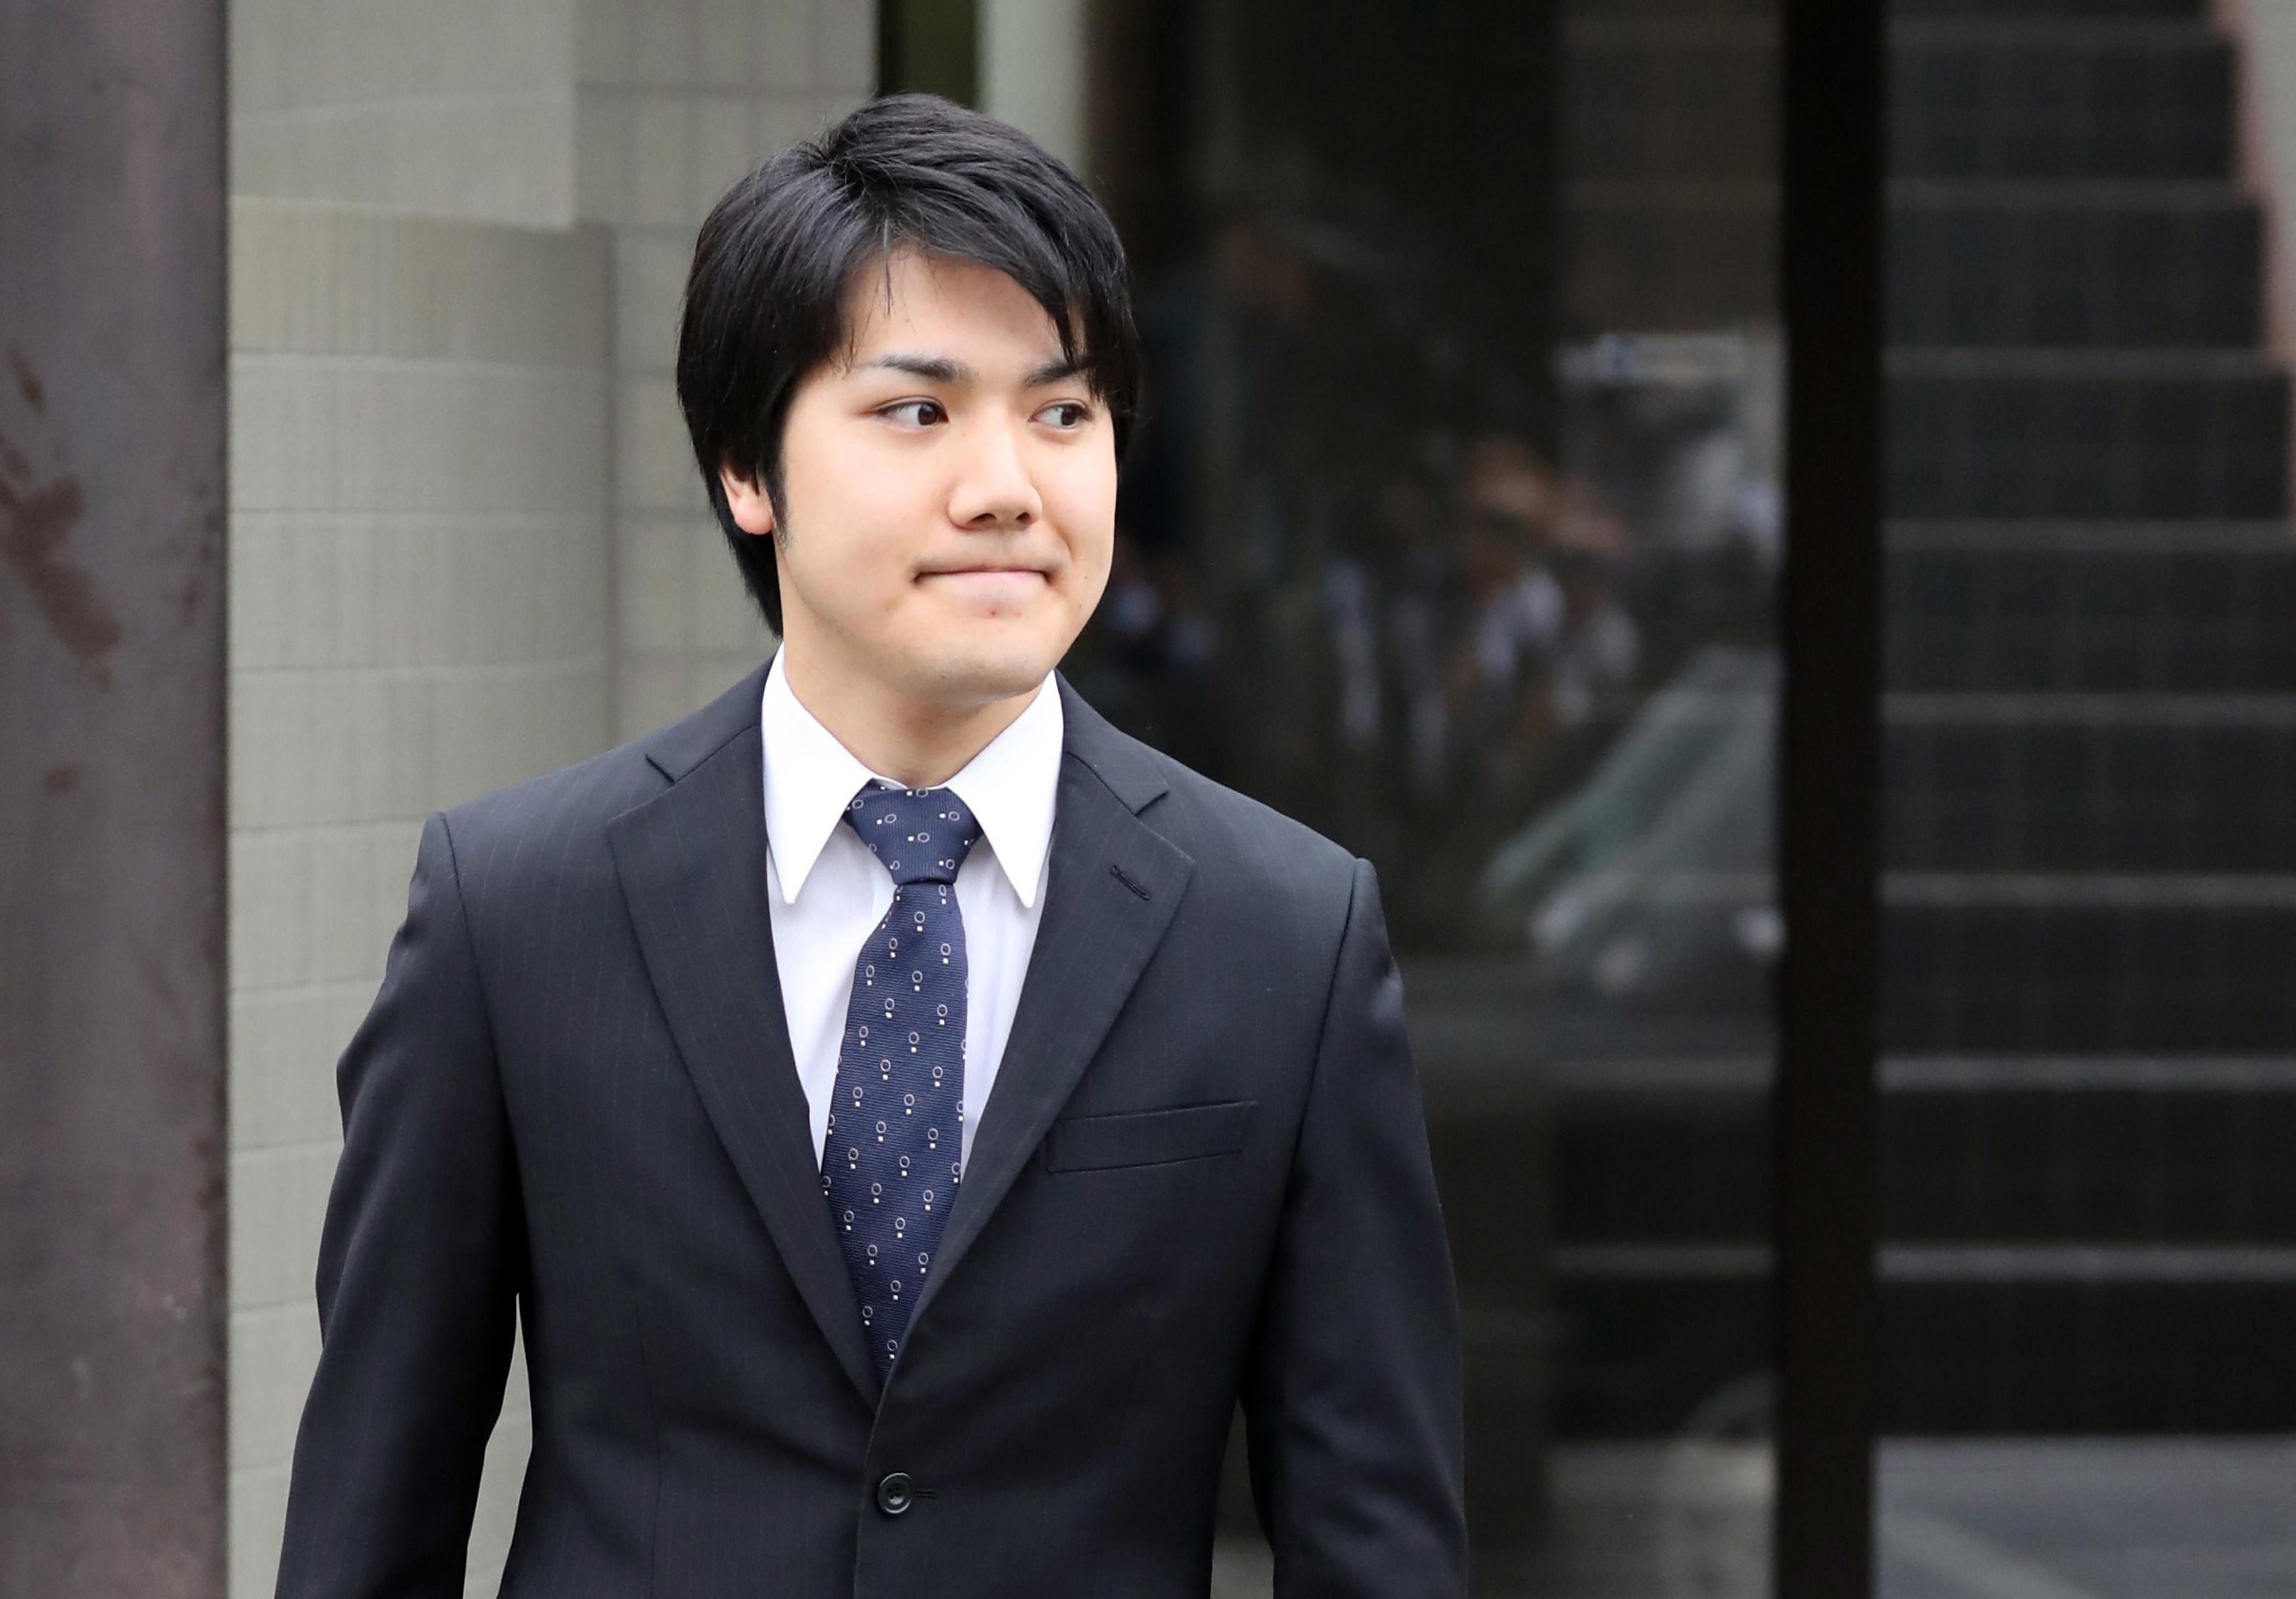 és a vőlegény, Kei Komuro.